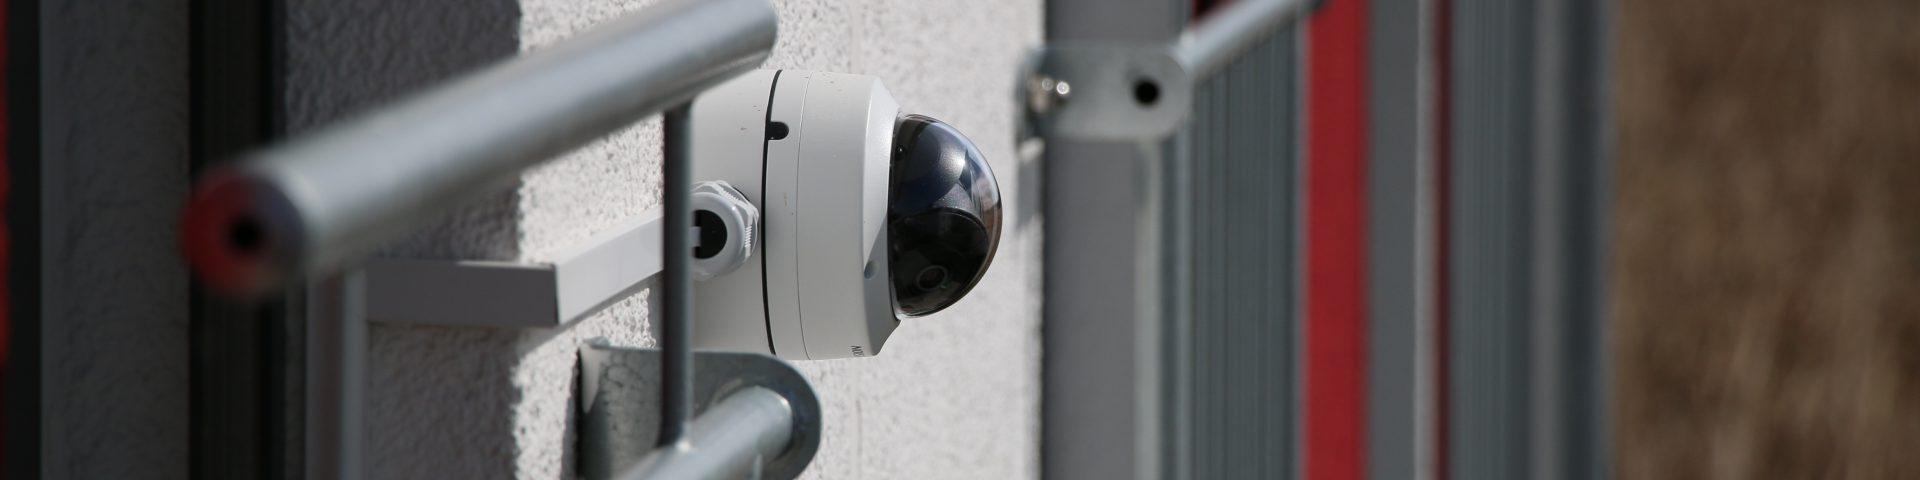 Hikvision IP-Kamera zwischen Fenstern